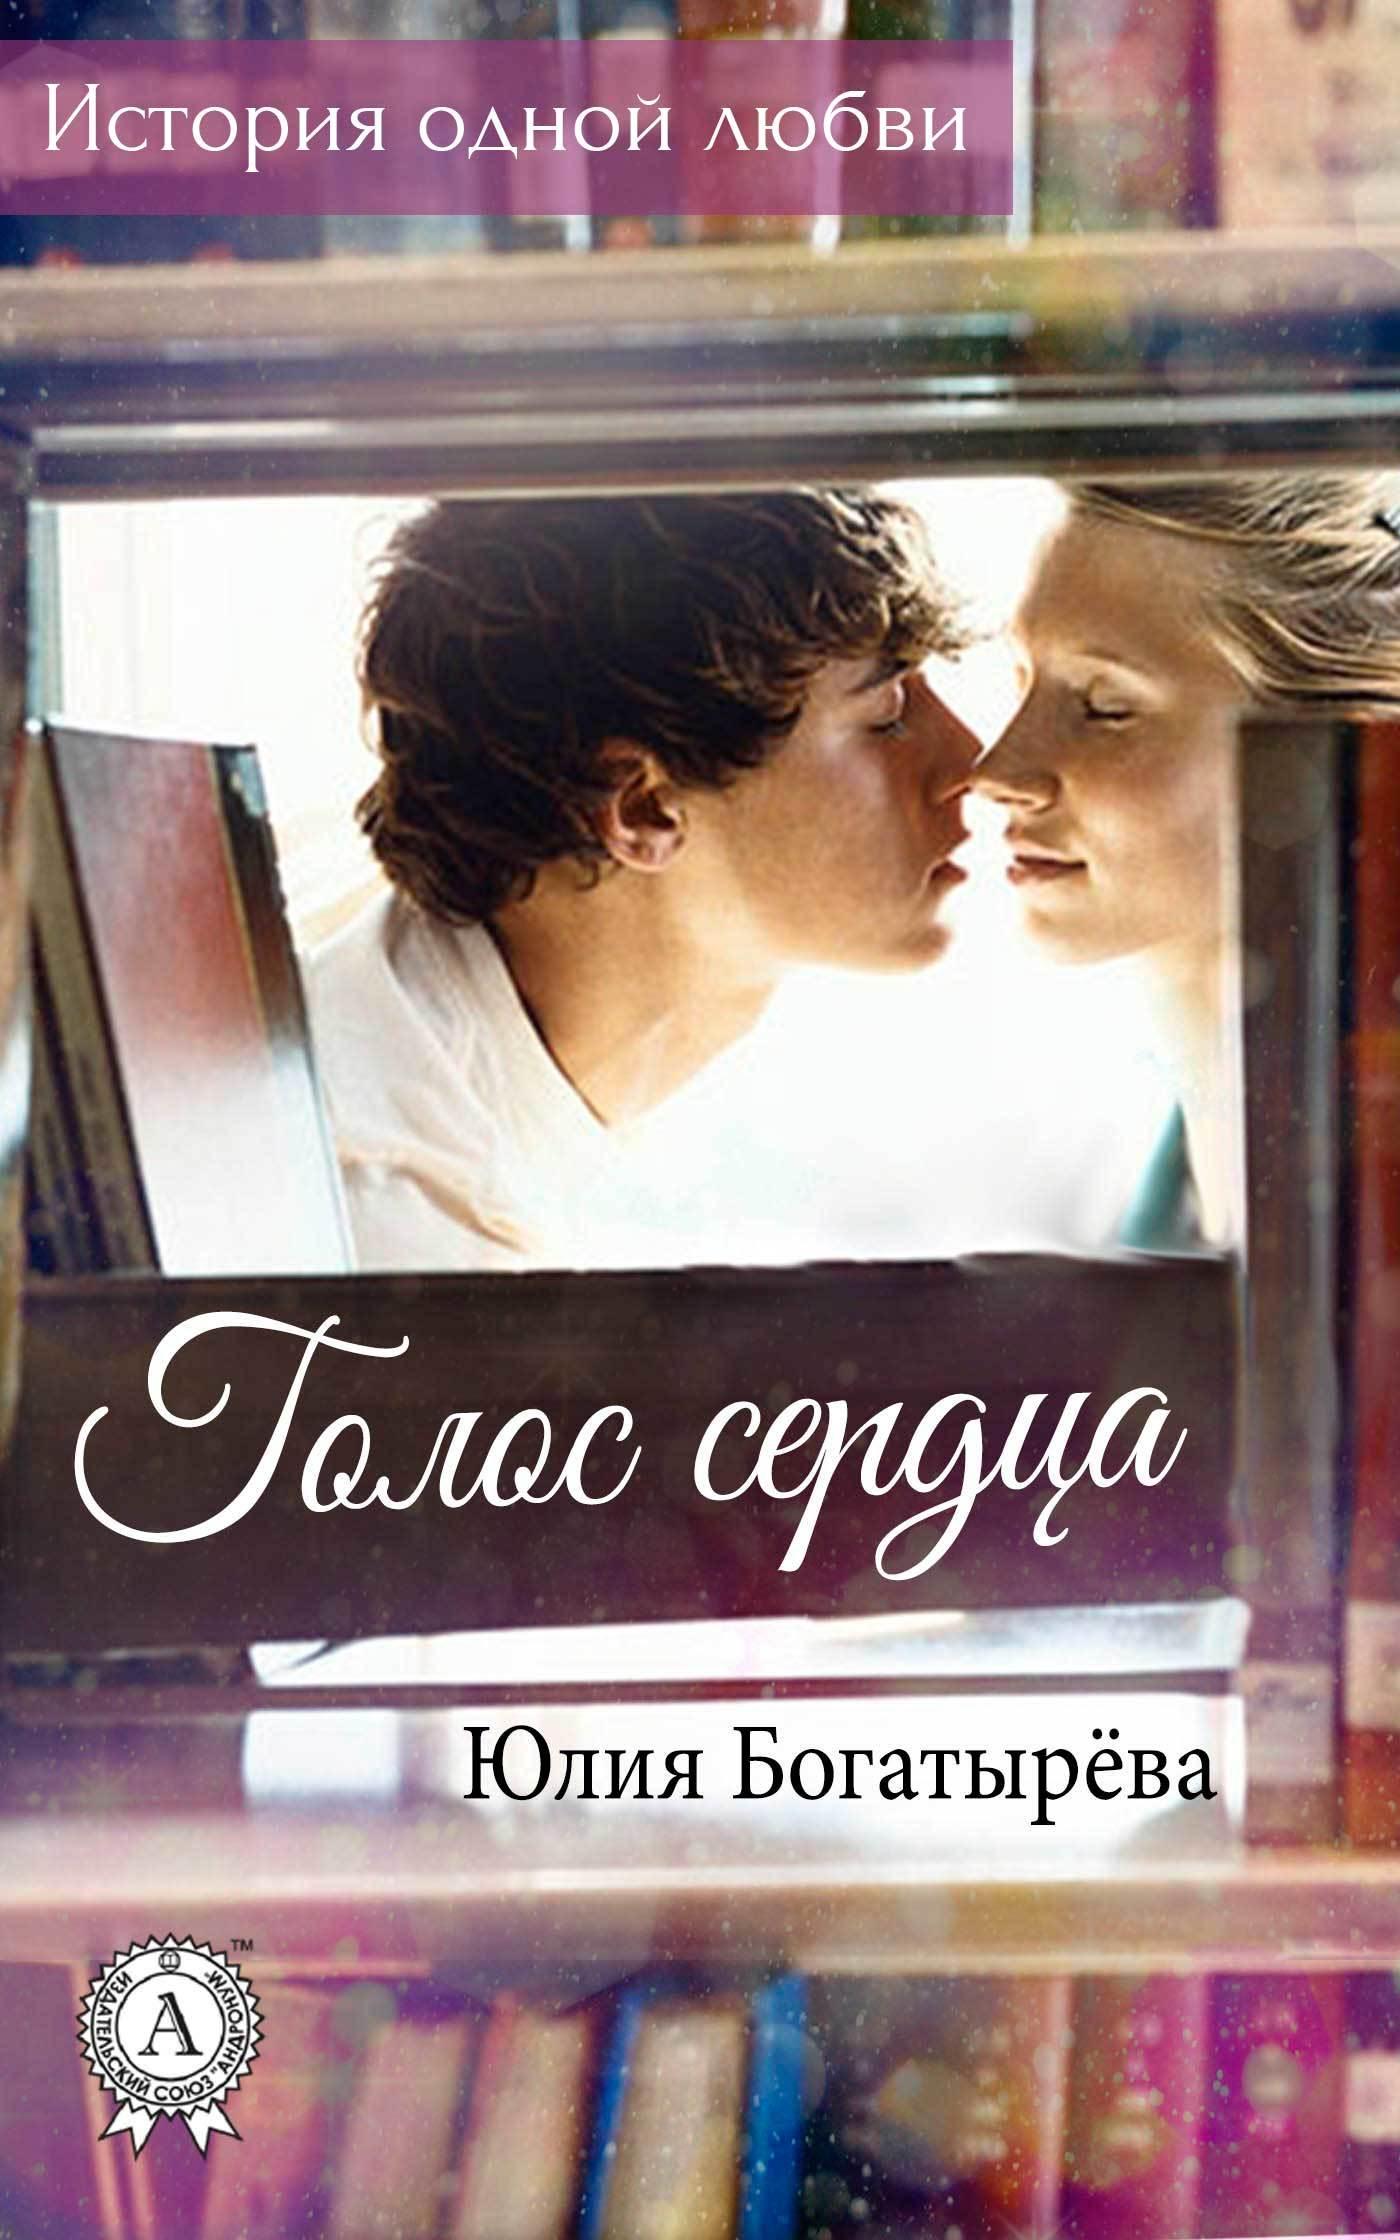 Юлия Богатырёва Голос сердца юлия александровна лаврова любовь – это… 50женских мыслей олюбви чувствамоей души исердца